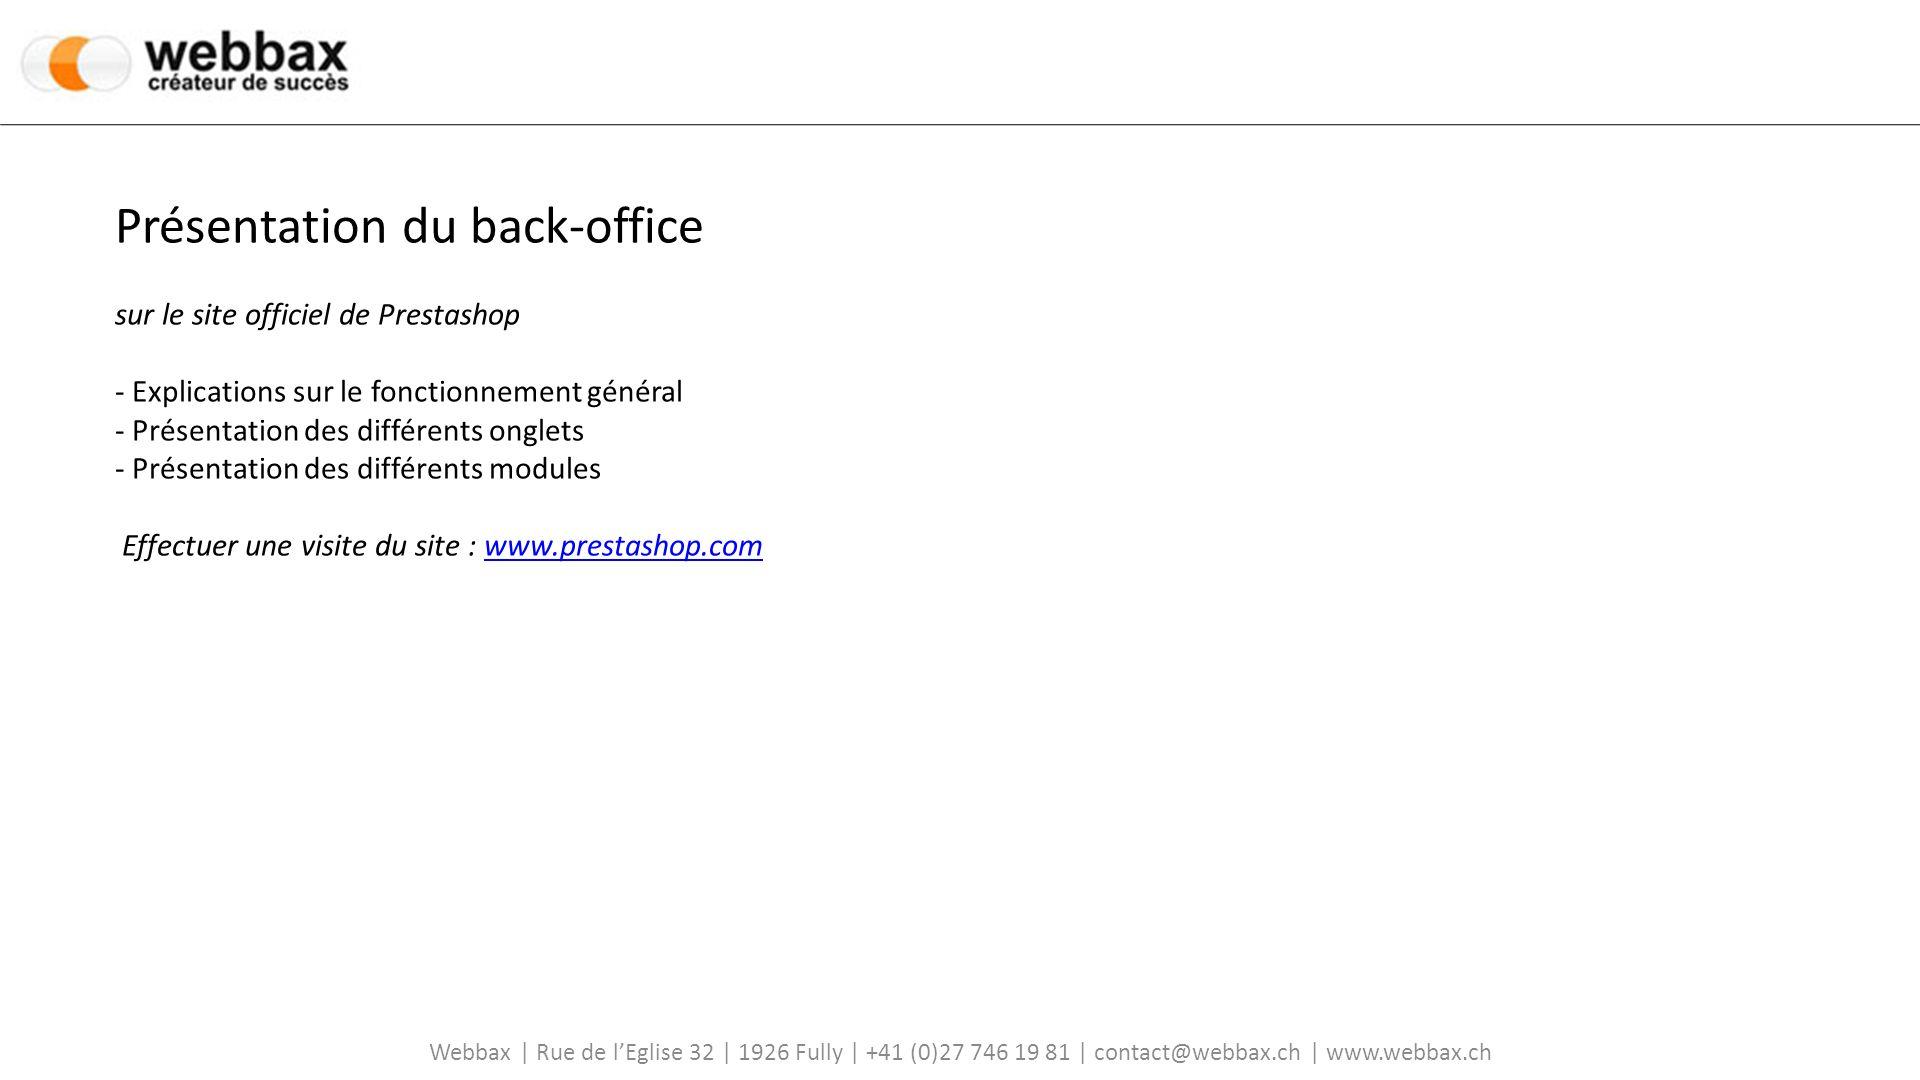 Présentation du back-office sur le site officiel de Prestashop - Explications sur le fonctionnement général - Présentation des différents onglets - Présentation des différents modules